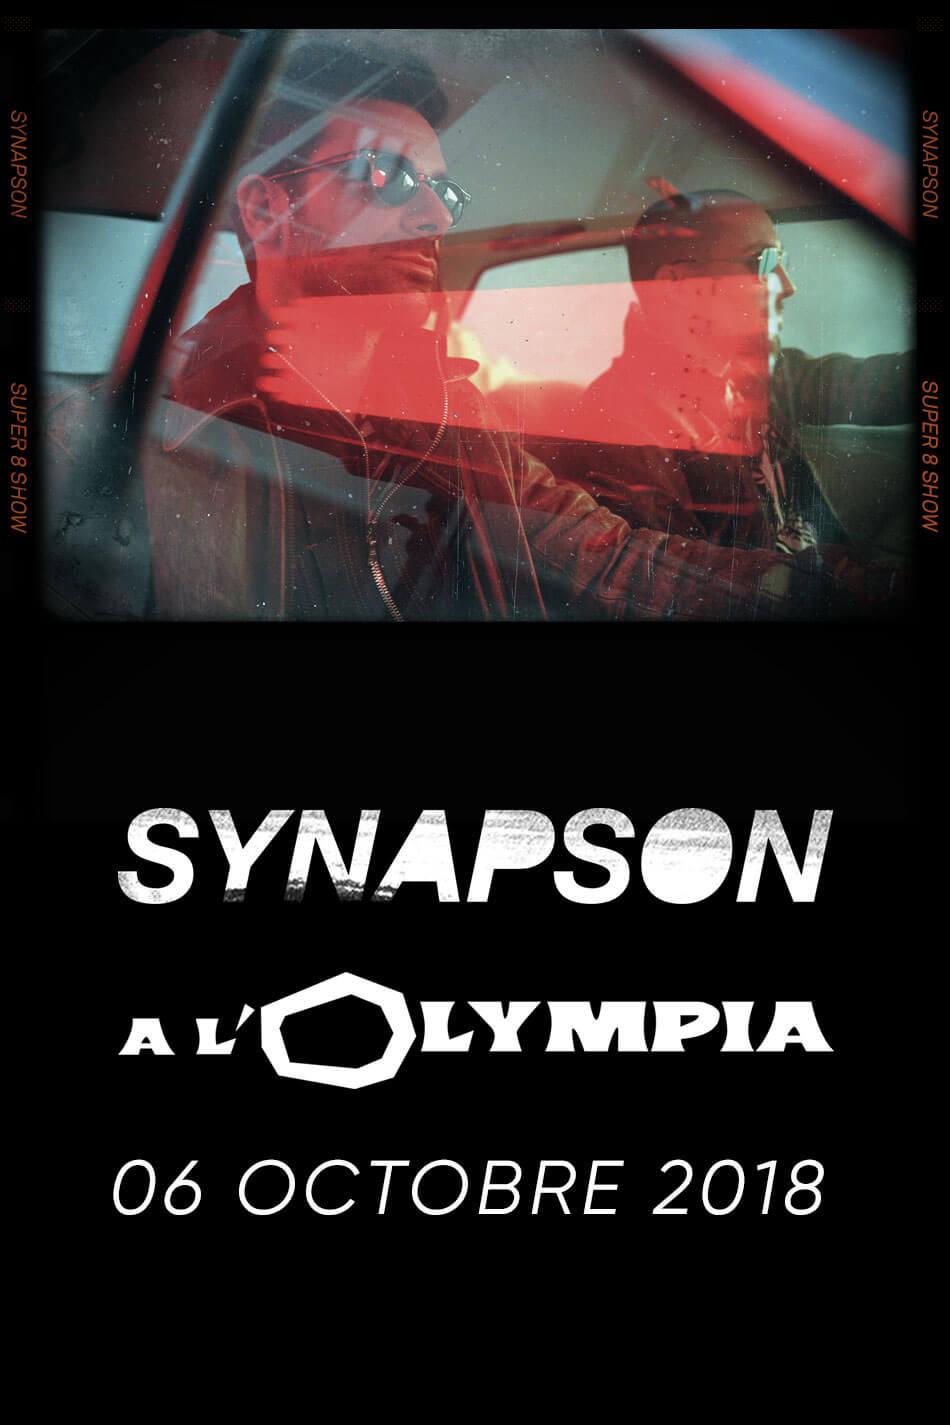 Album Synapson super 8